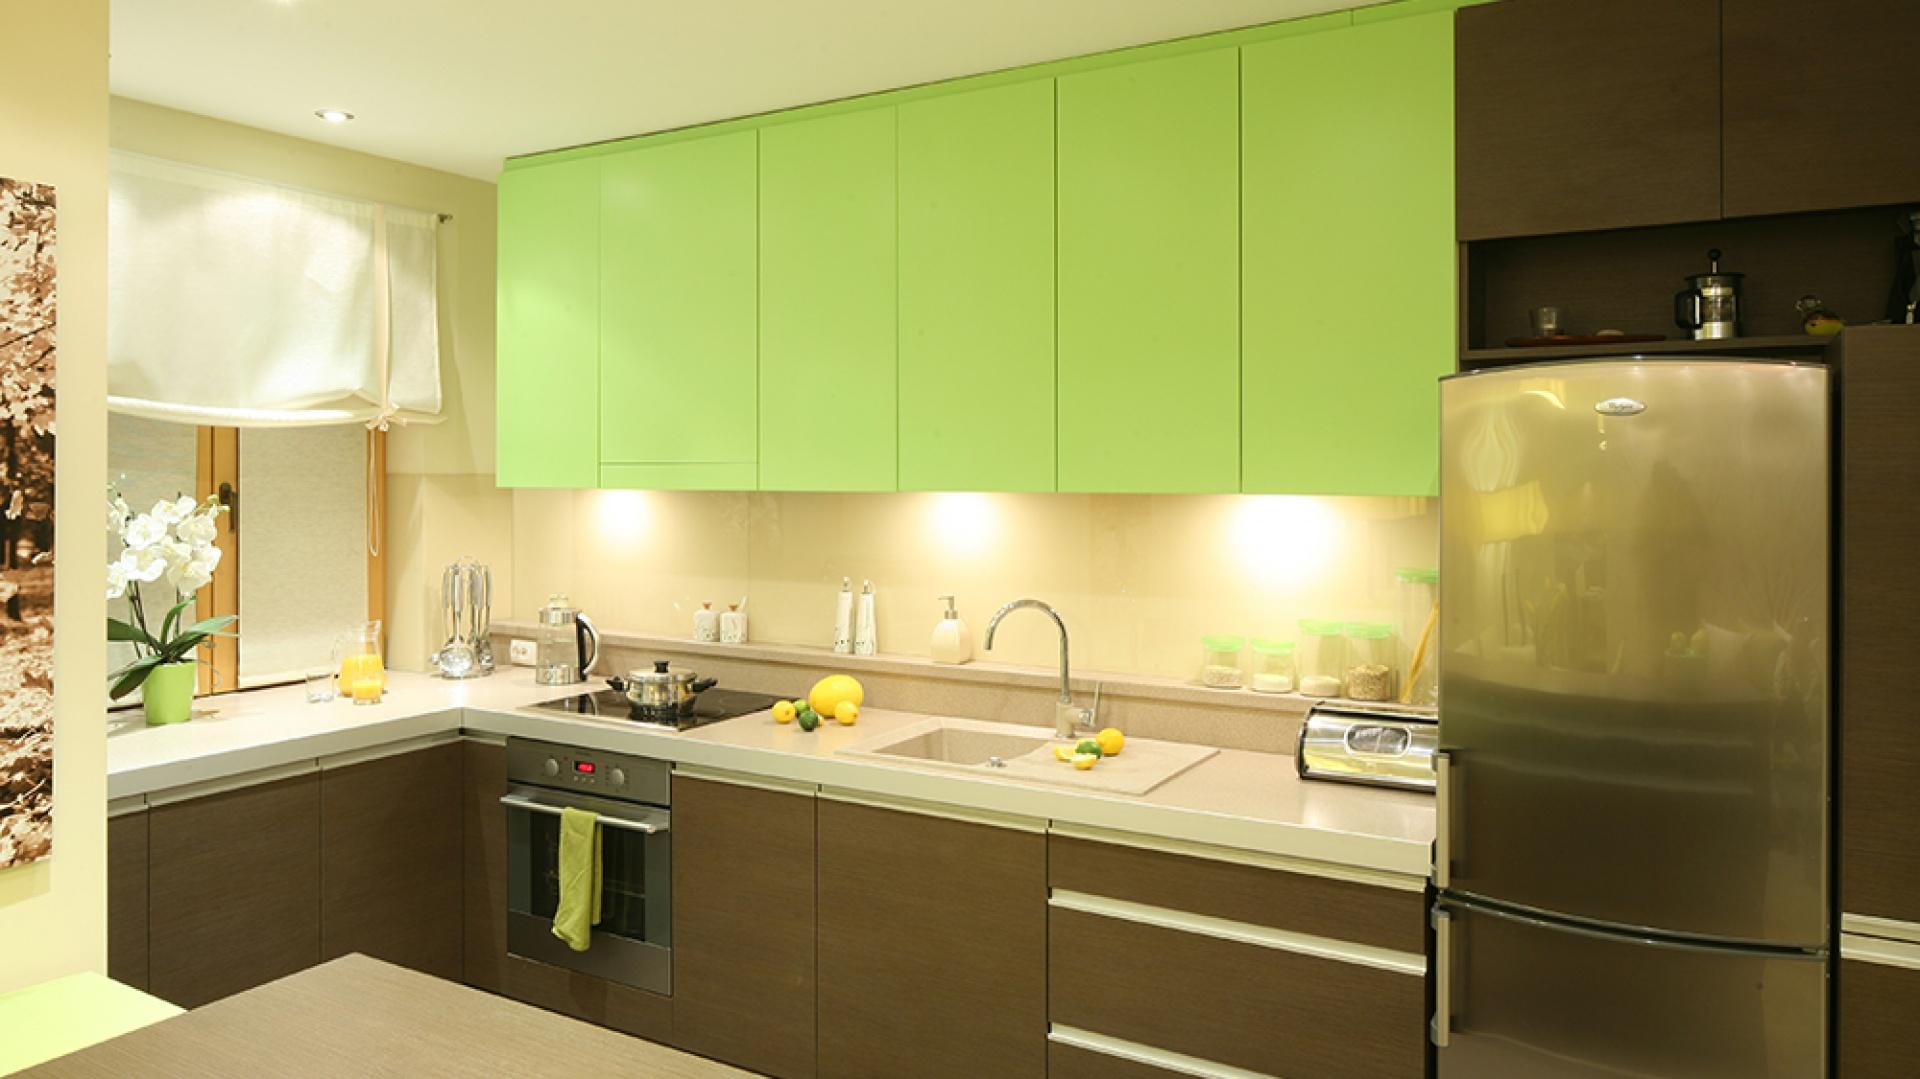 Prosta, reprezentacyjna zabudowa kuchenna wykonana z MDF-u tryska energią. Górne szafki w kolorze wesołej limonki, uspokajają dolne w kolorze ciepłego drewna. Jasny blat dopełnił całość. Fot. Bartosz Jarosz.